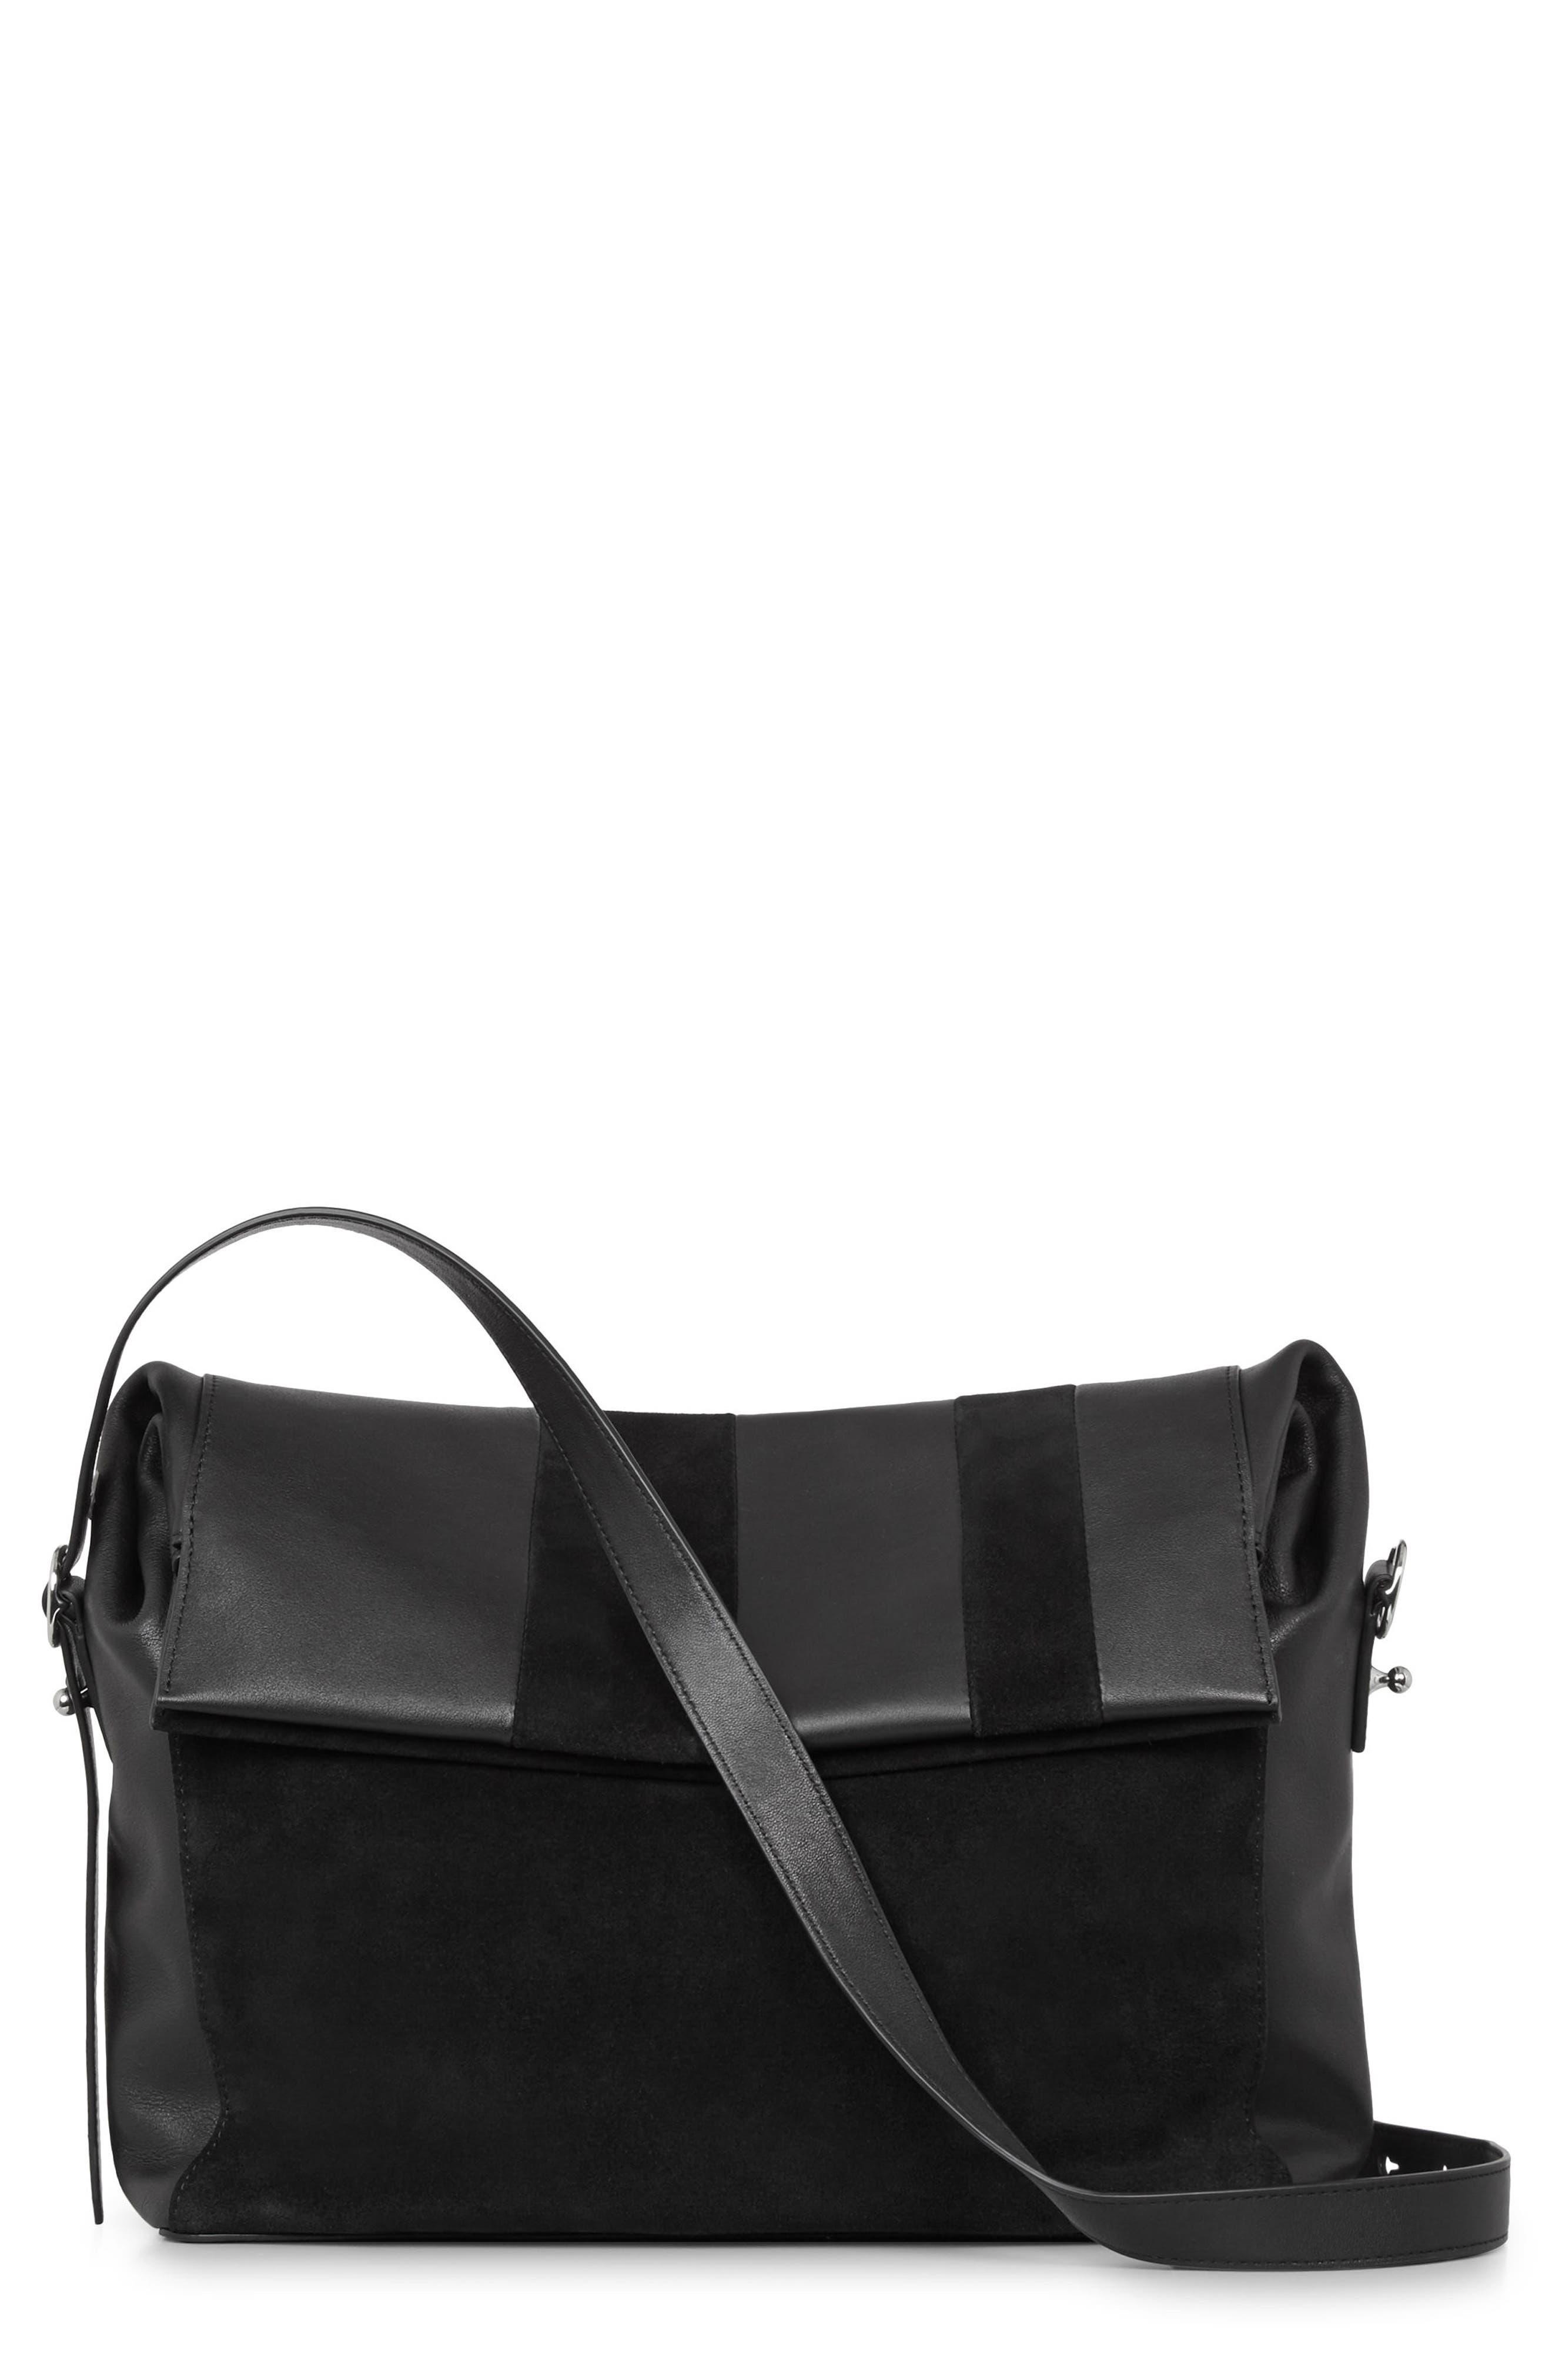 ALLSAINTS Casey Calfskin Leather & Suede Shoulder Bag